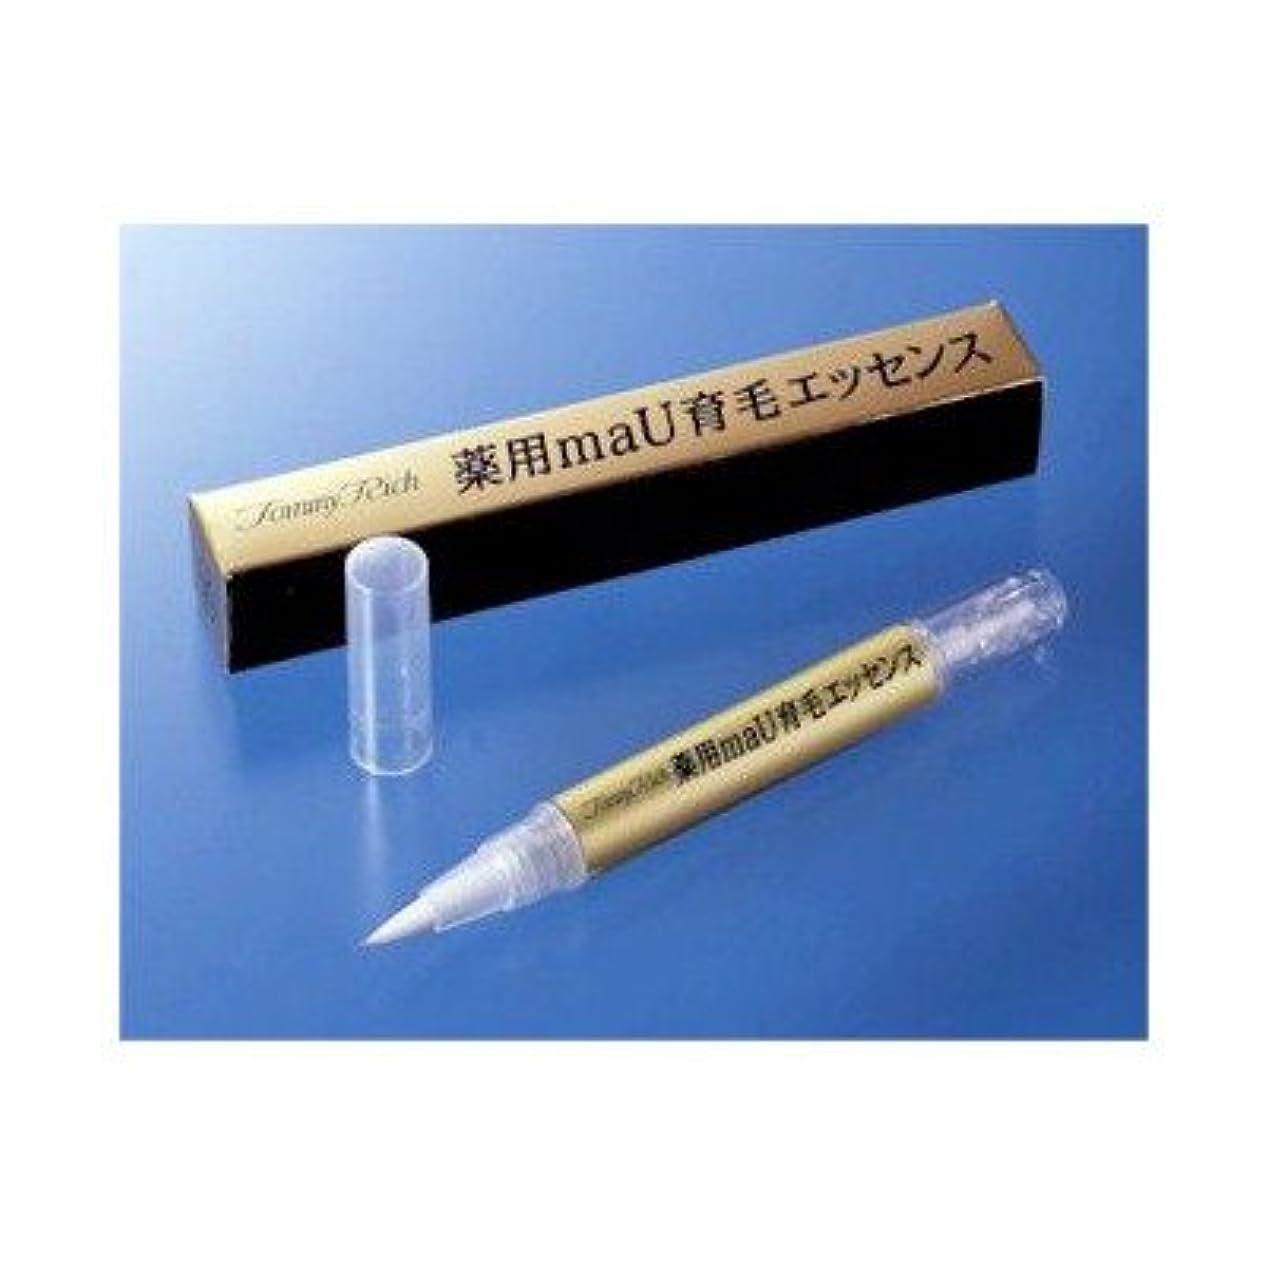 にんじん部族ペーストミーリッチ薬用maU育毛エッセンス(医薬部外品)